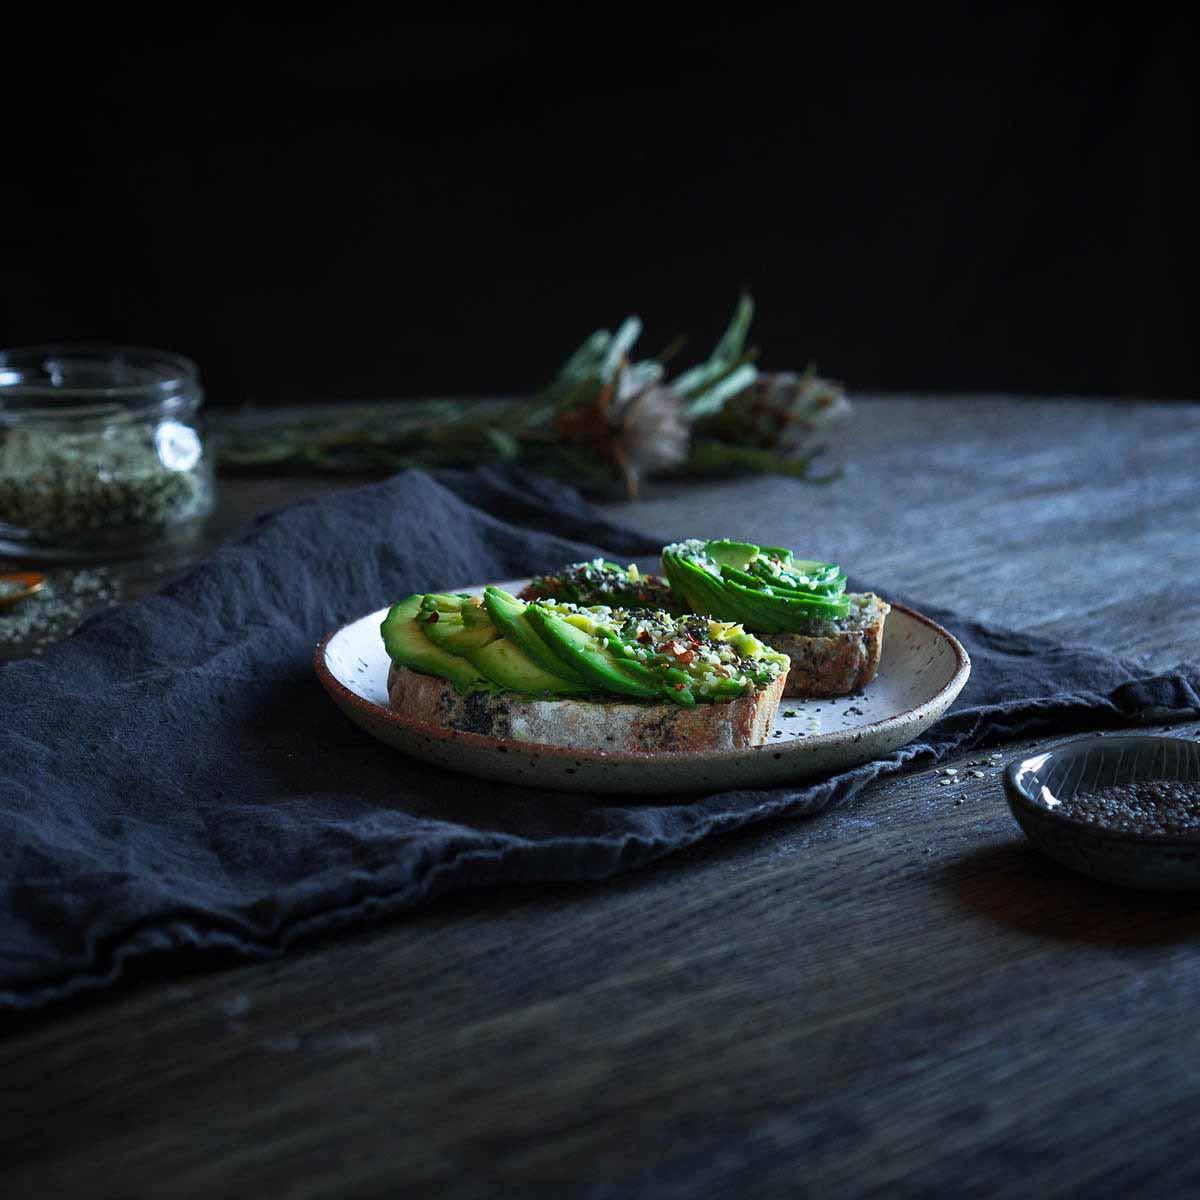 Avokado skrebutis su lukštentomis kanapių sėklomis